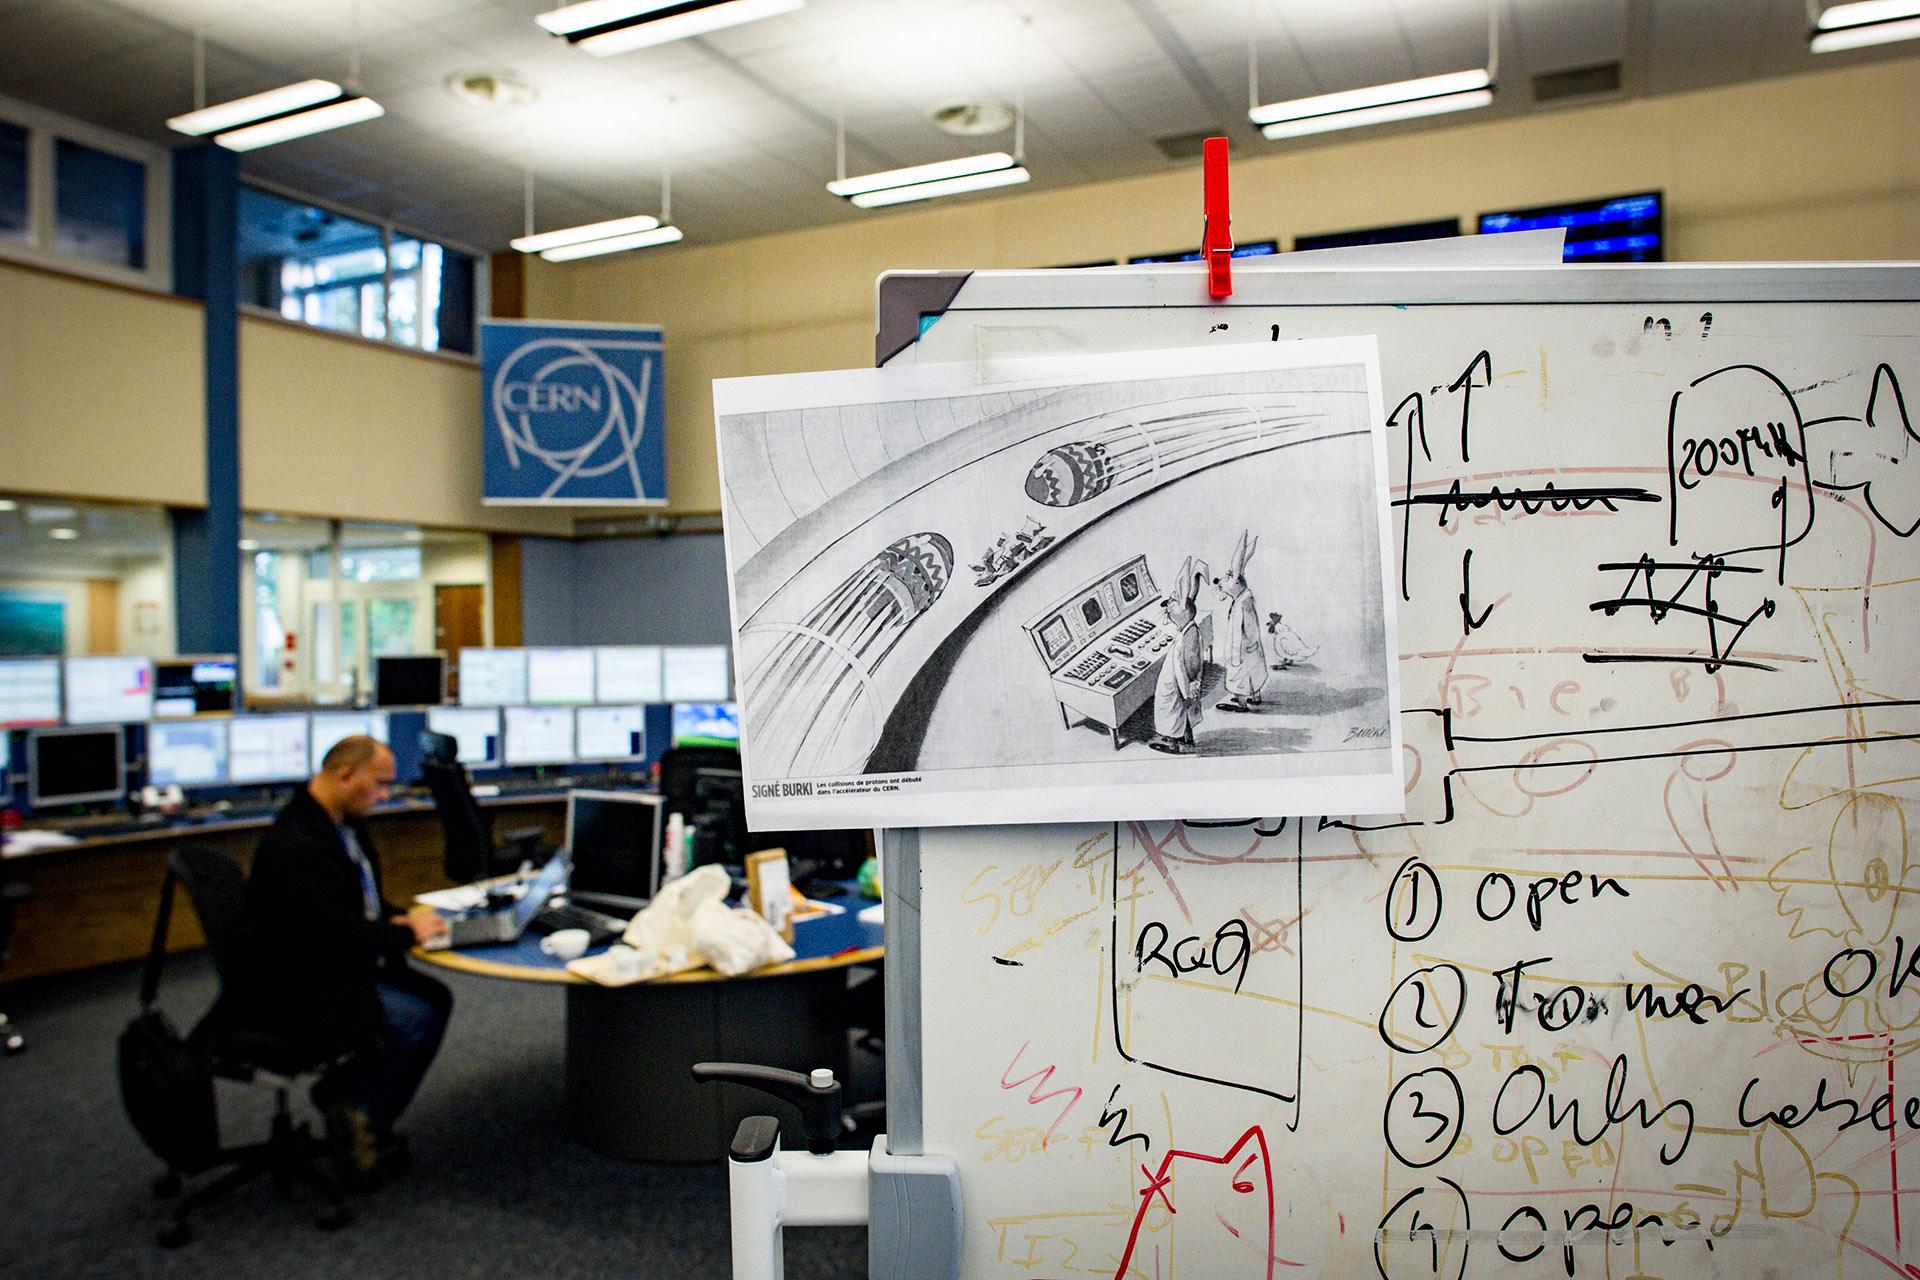 CERN017